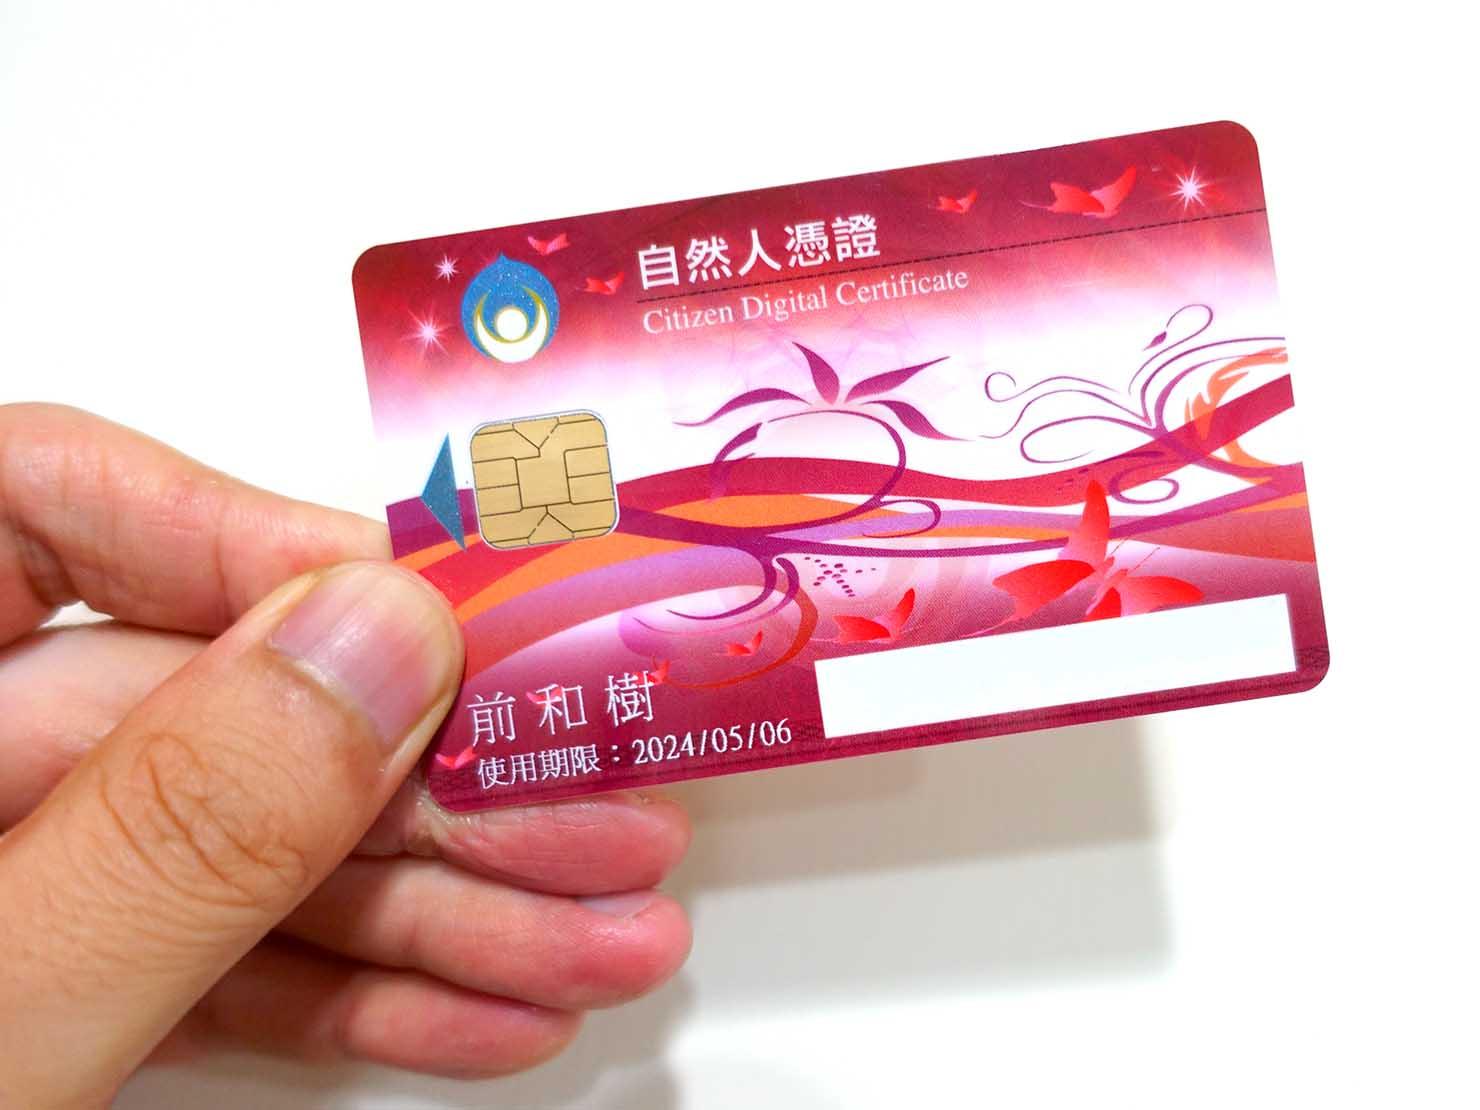 台湾のデジタル身分証明書「自然人憑證」